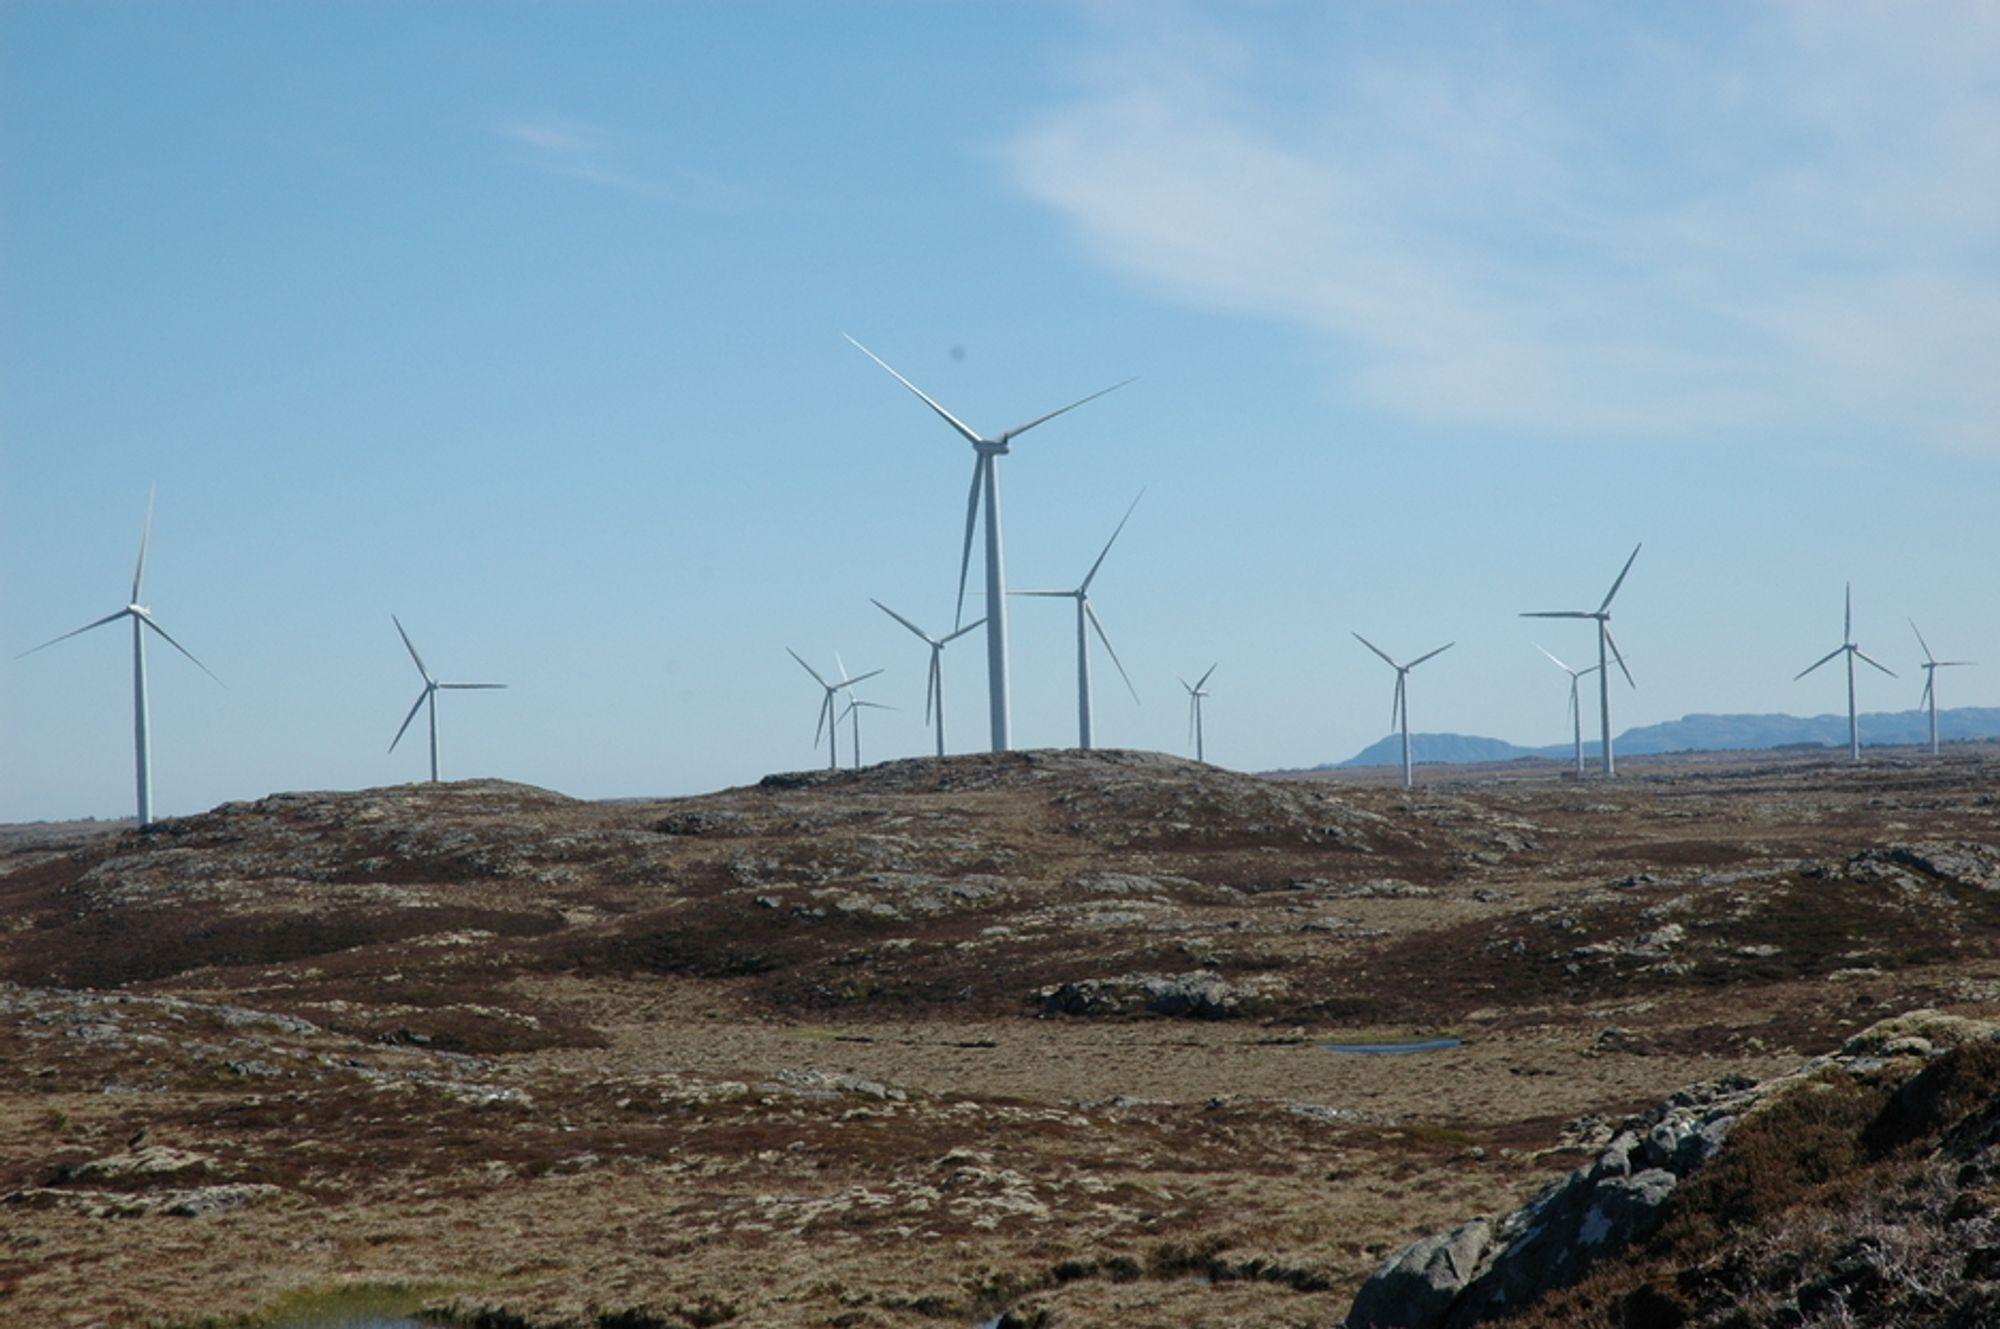 VINDTURBINER PÅ SMØLA: På grunn av prosjektsommel med vindkraftanlegg, må Norge stille bak i køen hos produsenter av vindturbiner som ser det for risikabelt å satse på det norske markedet.